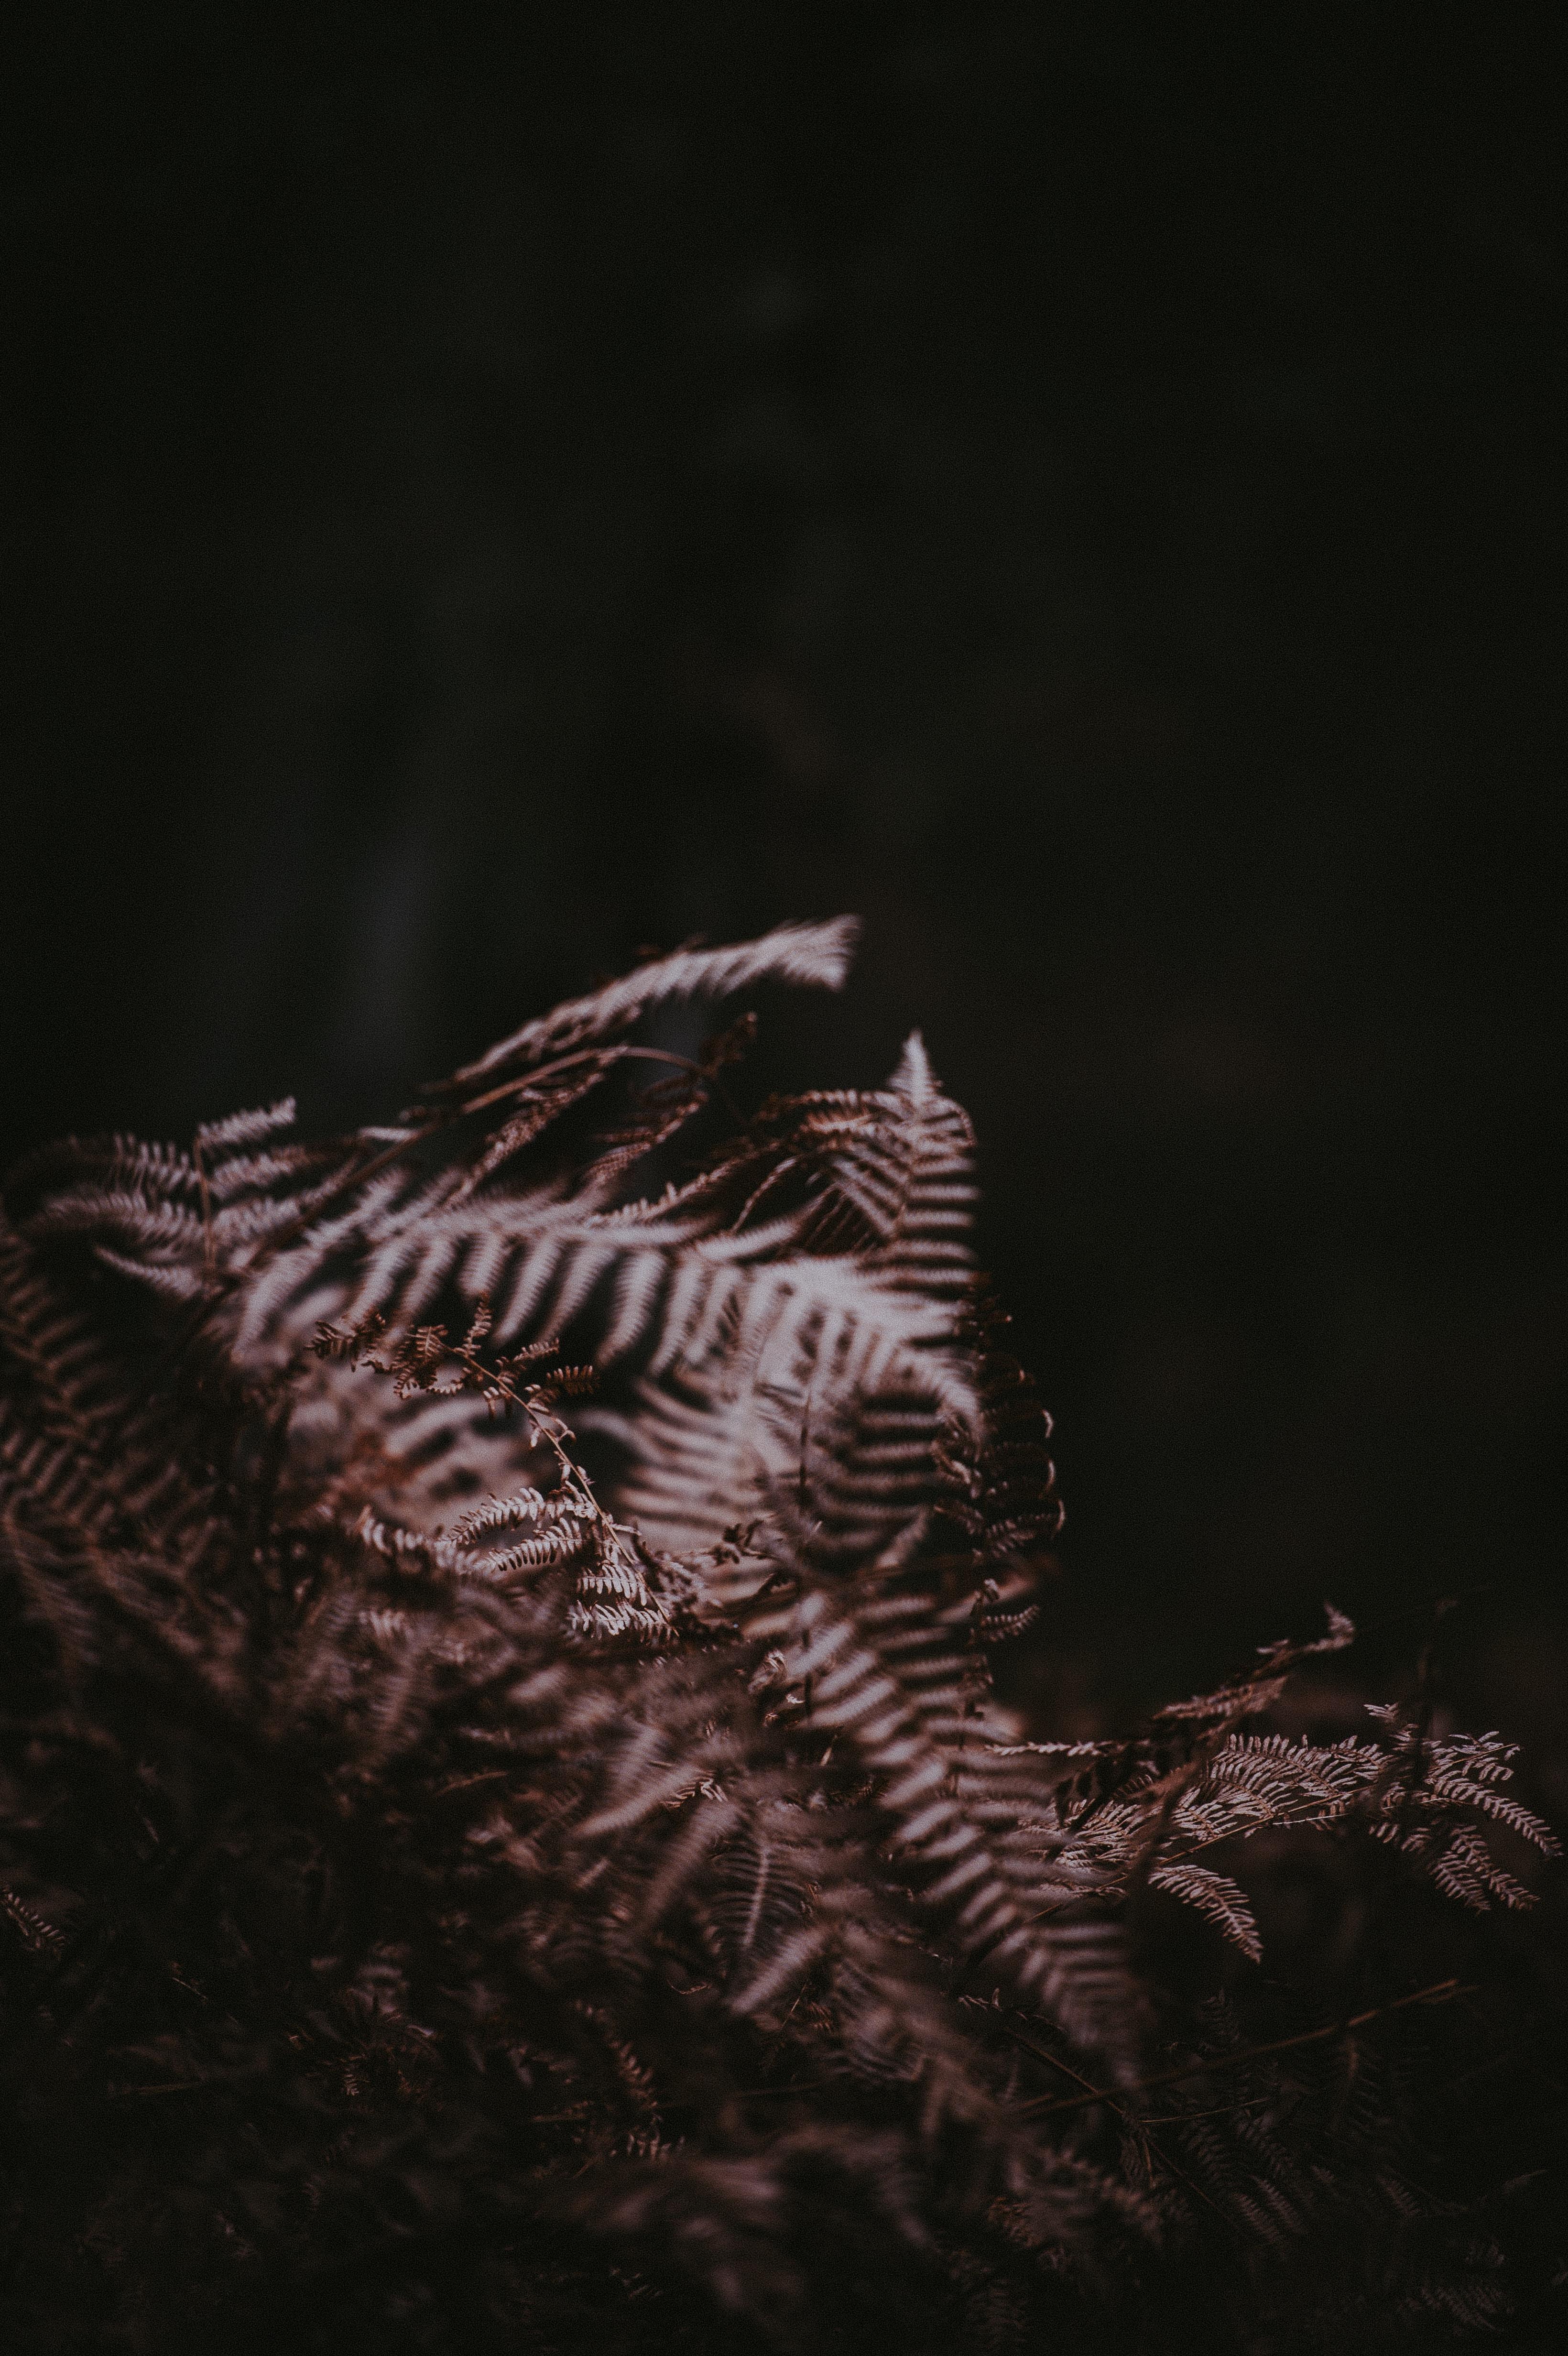 grey fern plant